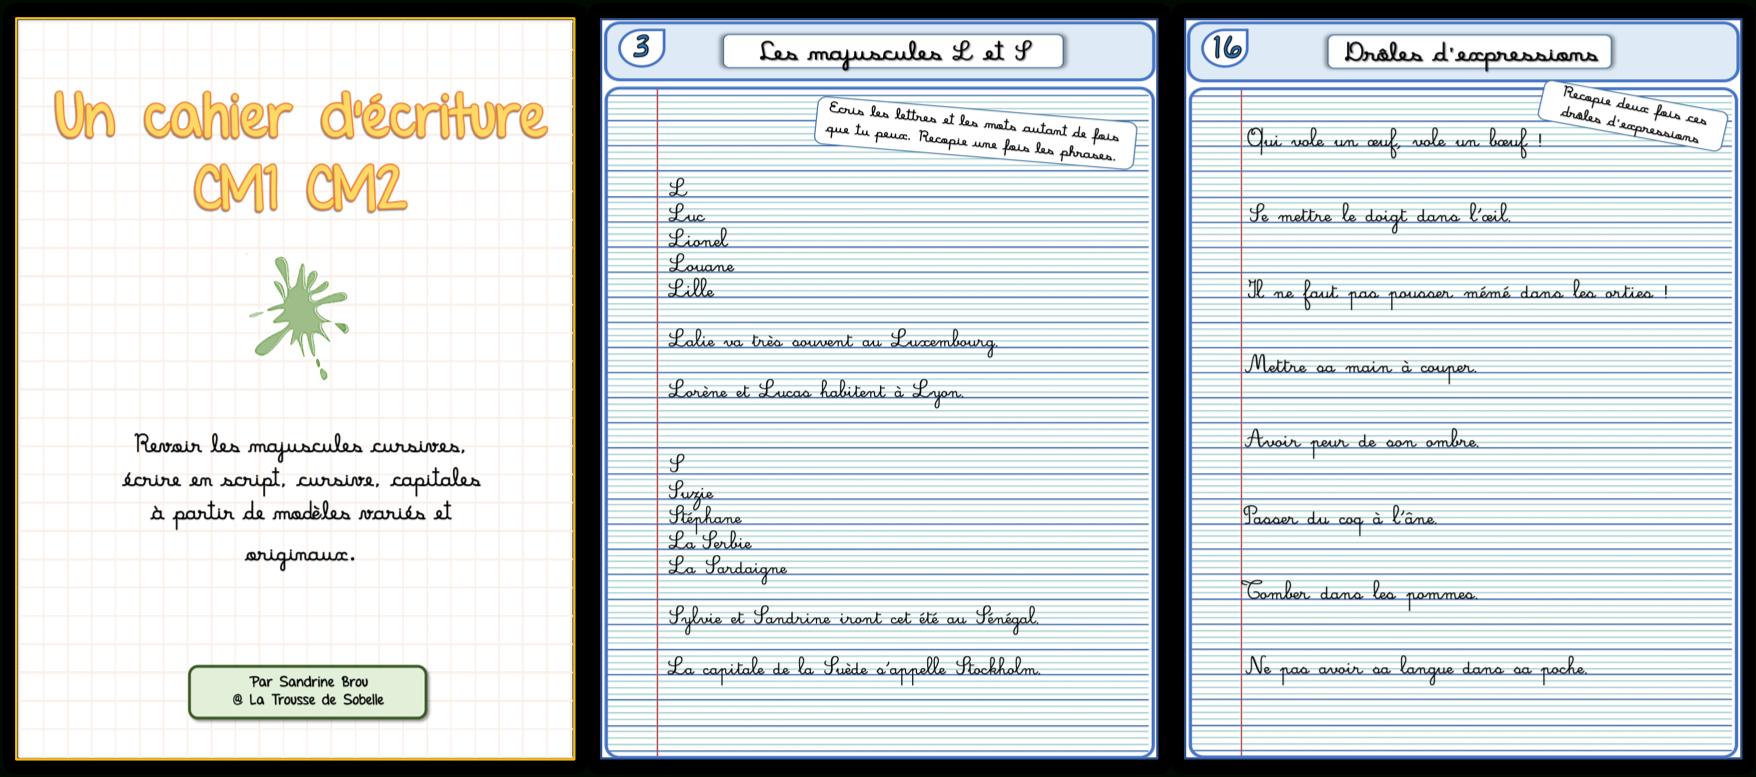 Un Cahier D'écriture Cm1 Cm2, Fiches À Photocopier – La encequiconcerne Exercice D Écriture Ce2